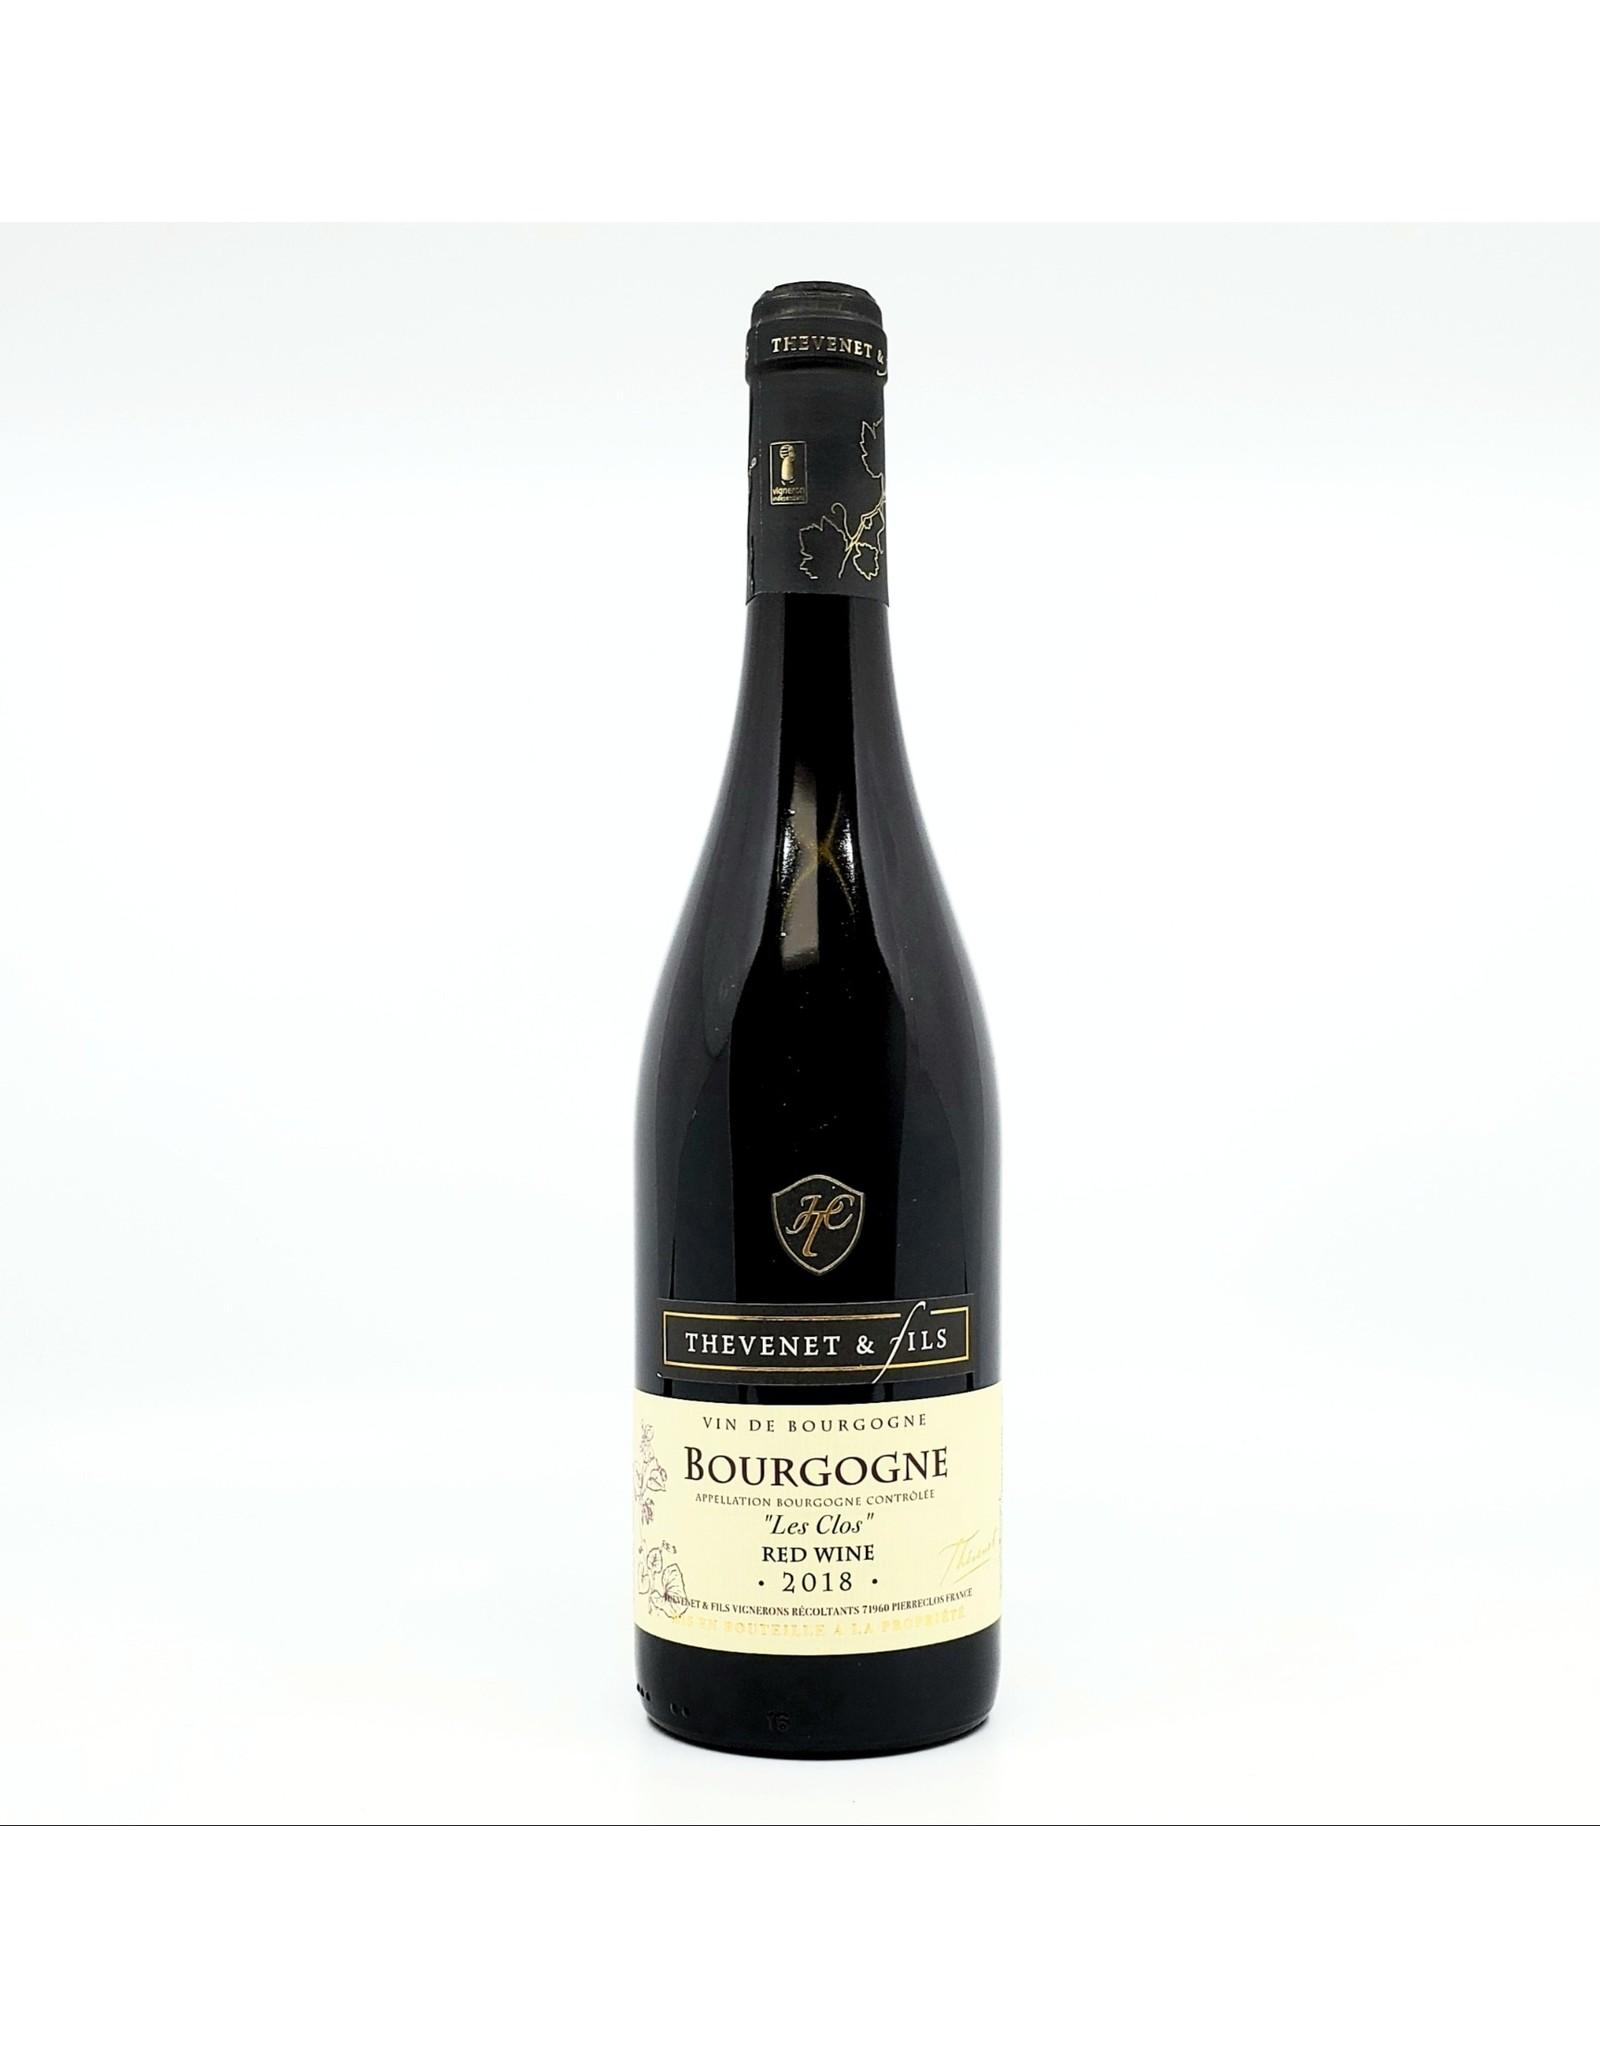 Thevenet & Fils Bourgogne Rouge Les Clos